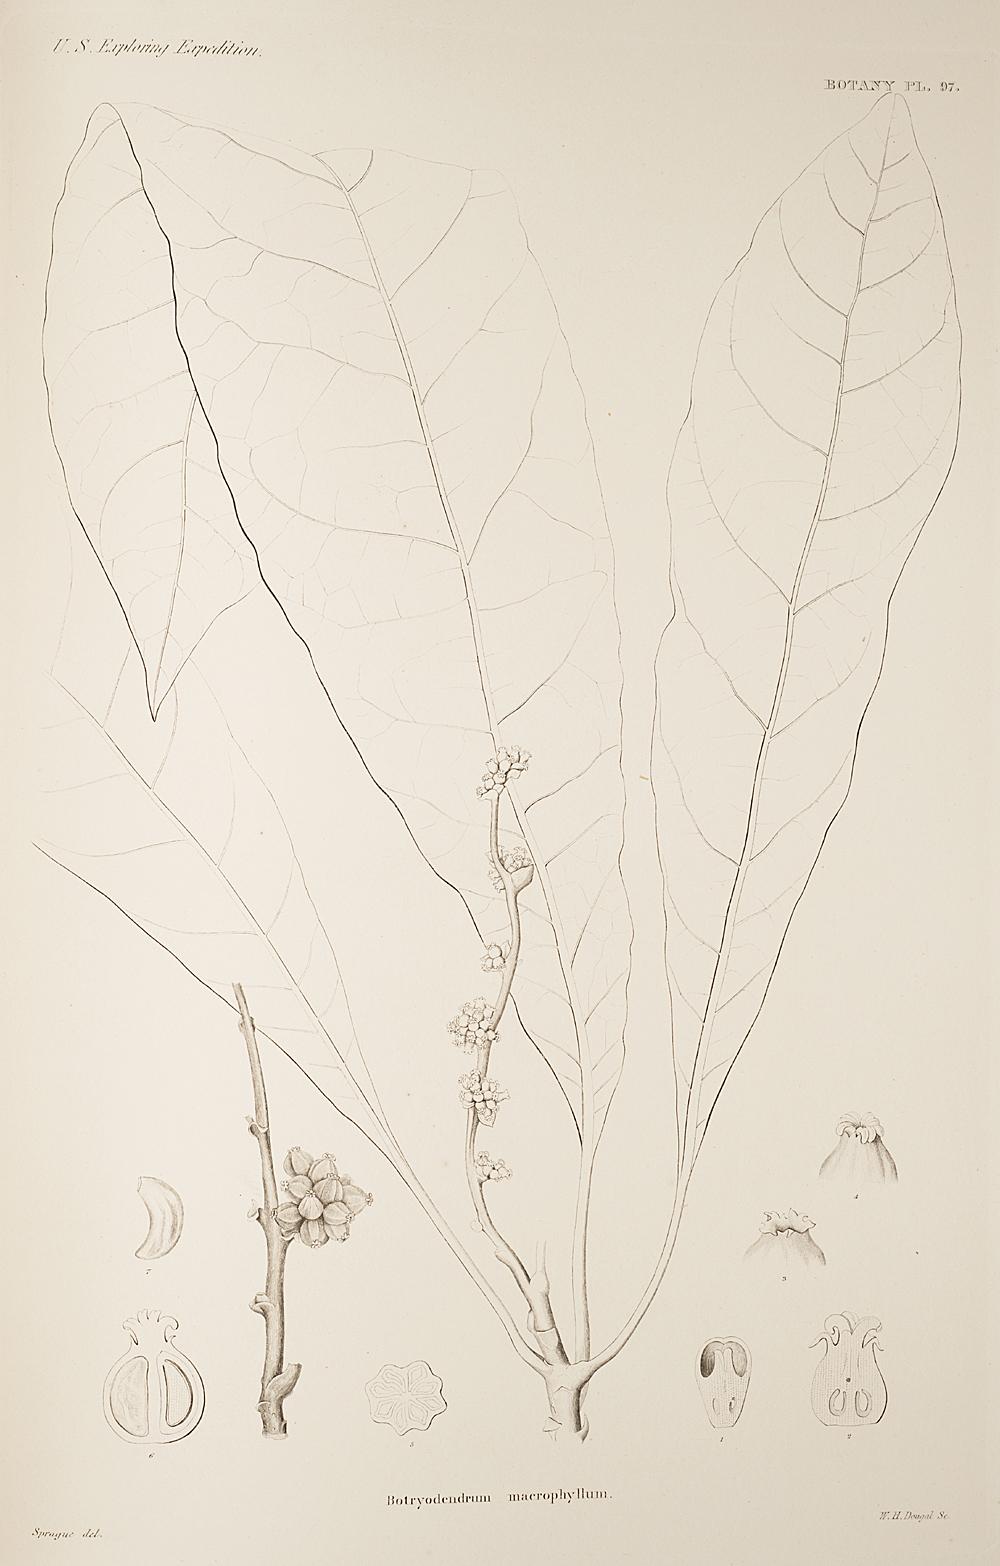 Botany, Pl. 97,  Image number:sil19-23-205b